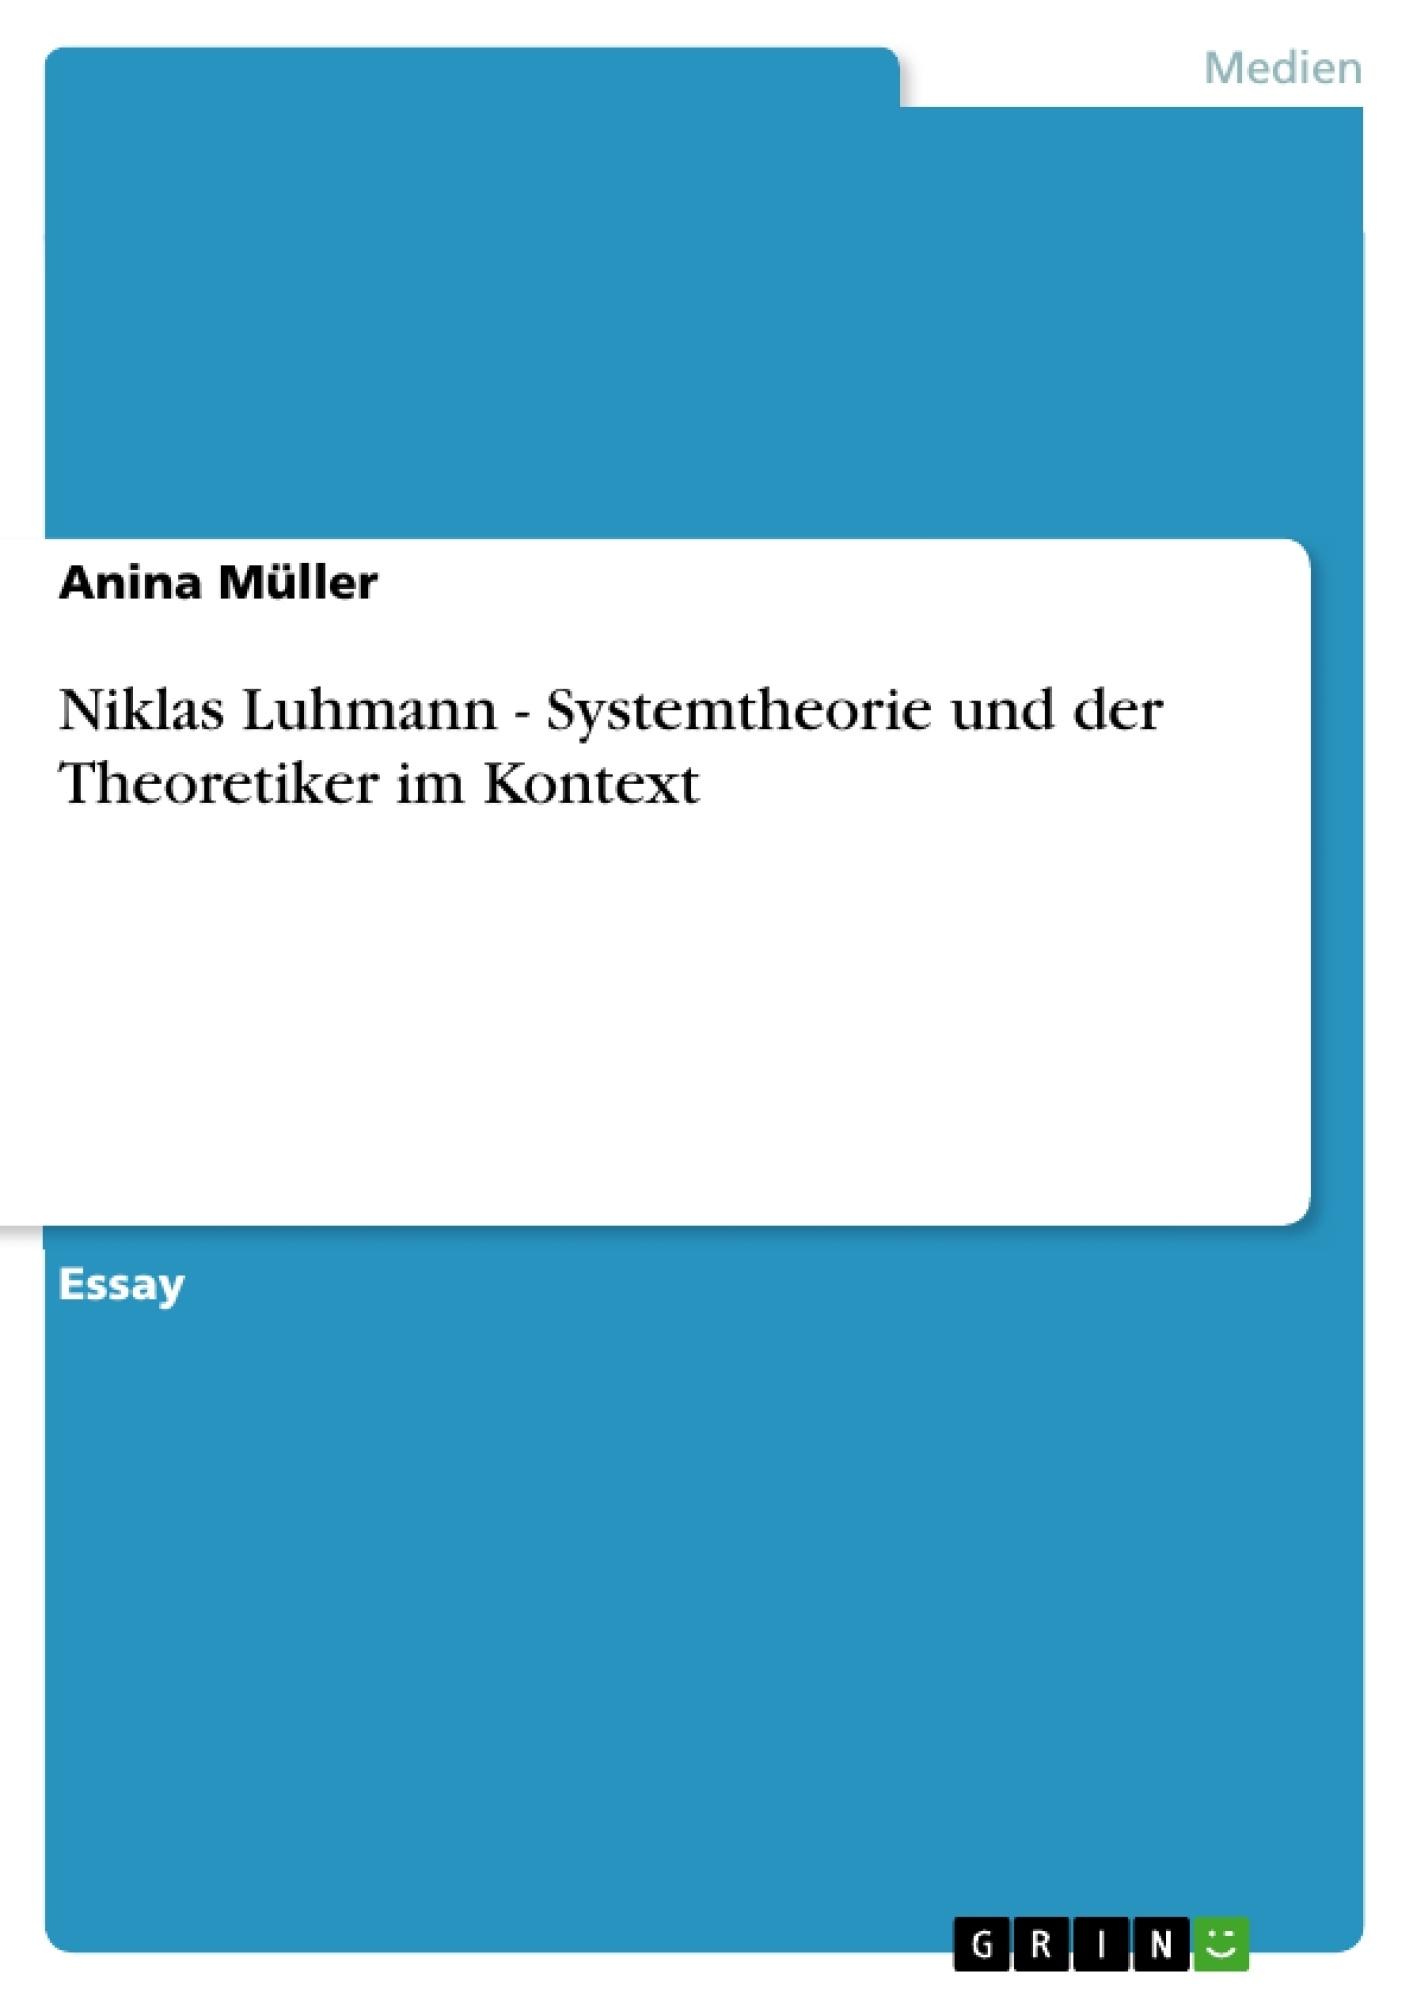 Titel: Niklas Luhmann - Systemtheorie und der Theoretiker im Kontext